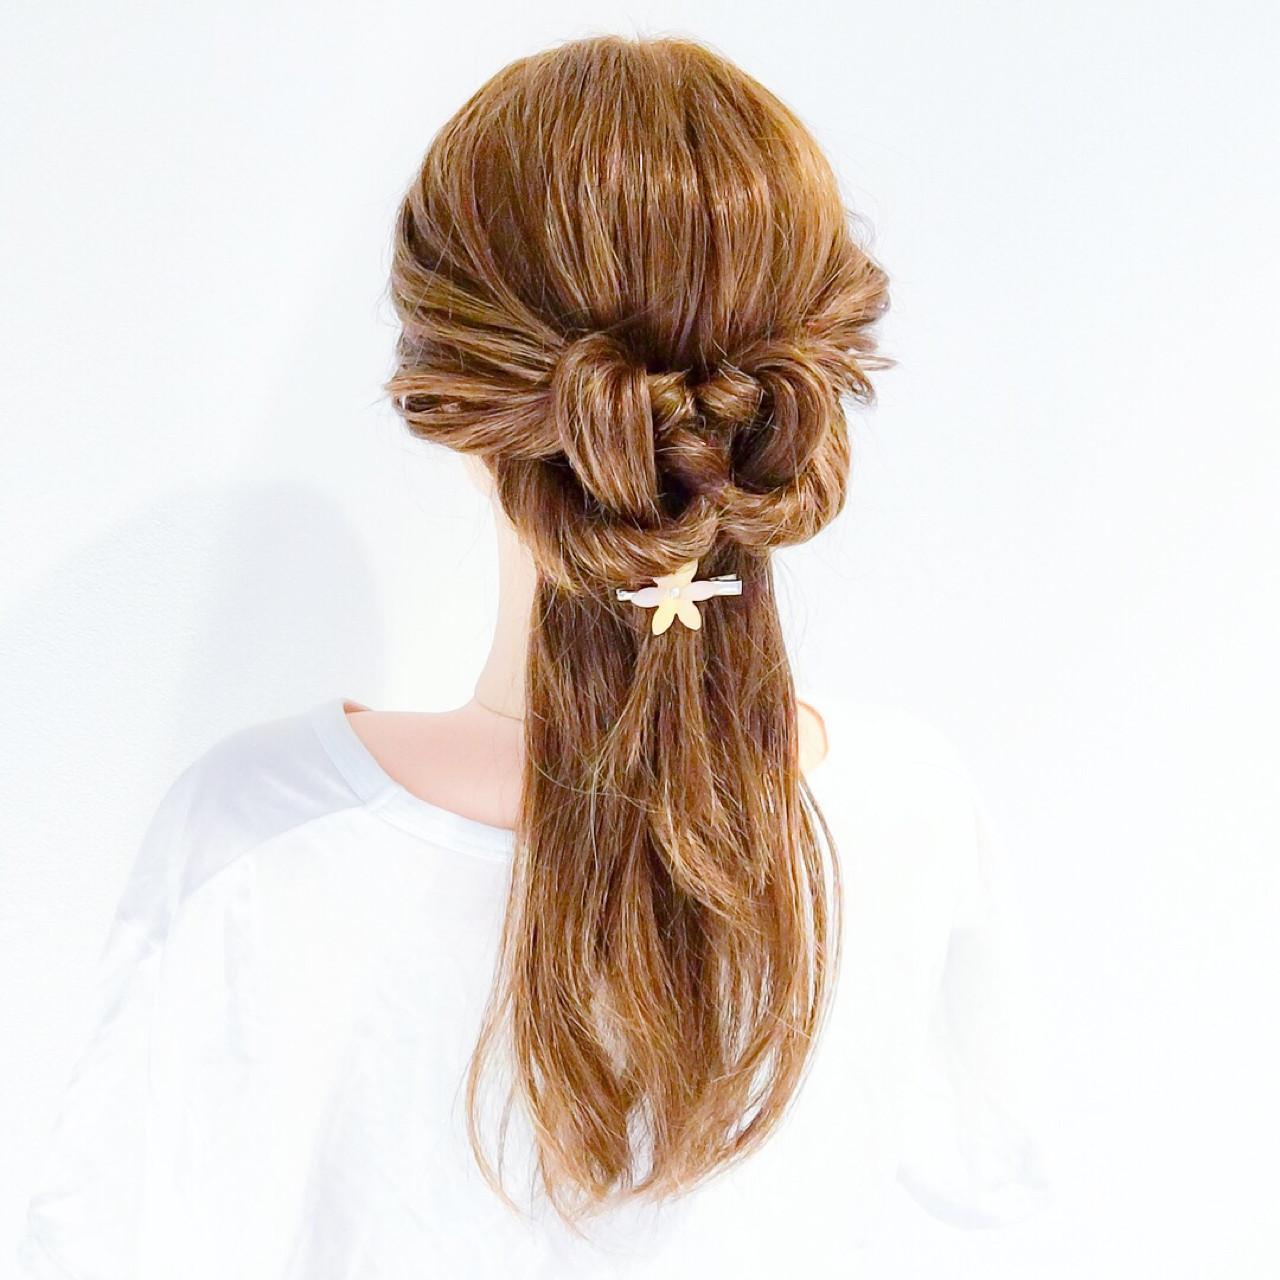 エレガント アウトドア 上品 オフィス ヘアスタイルや髪型の写真・画像 | 美容師HIRO/Amoute代表 / Amoute/アムティ